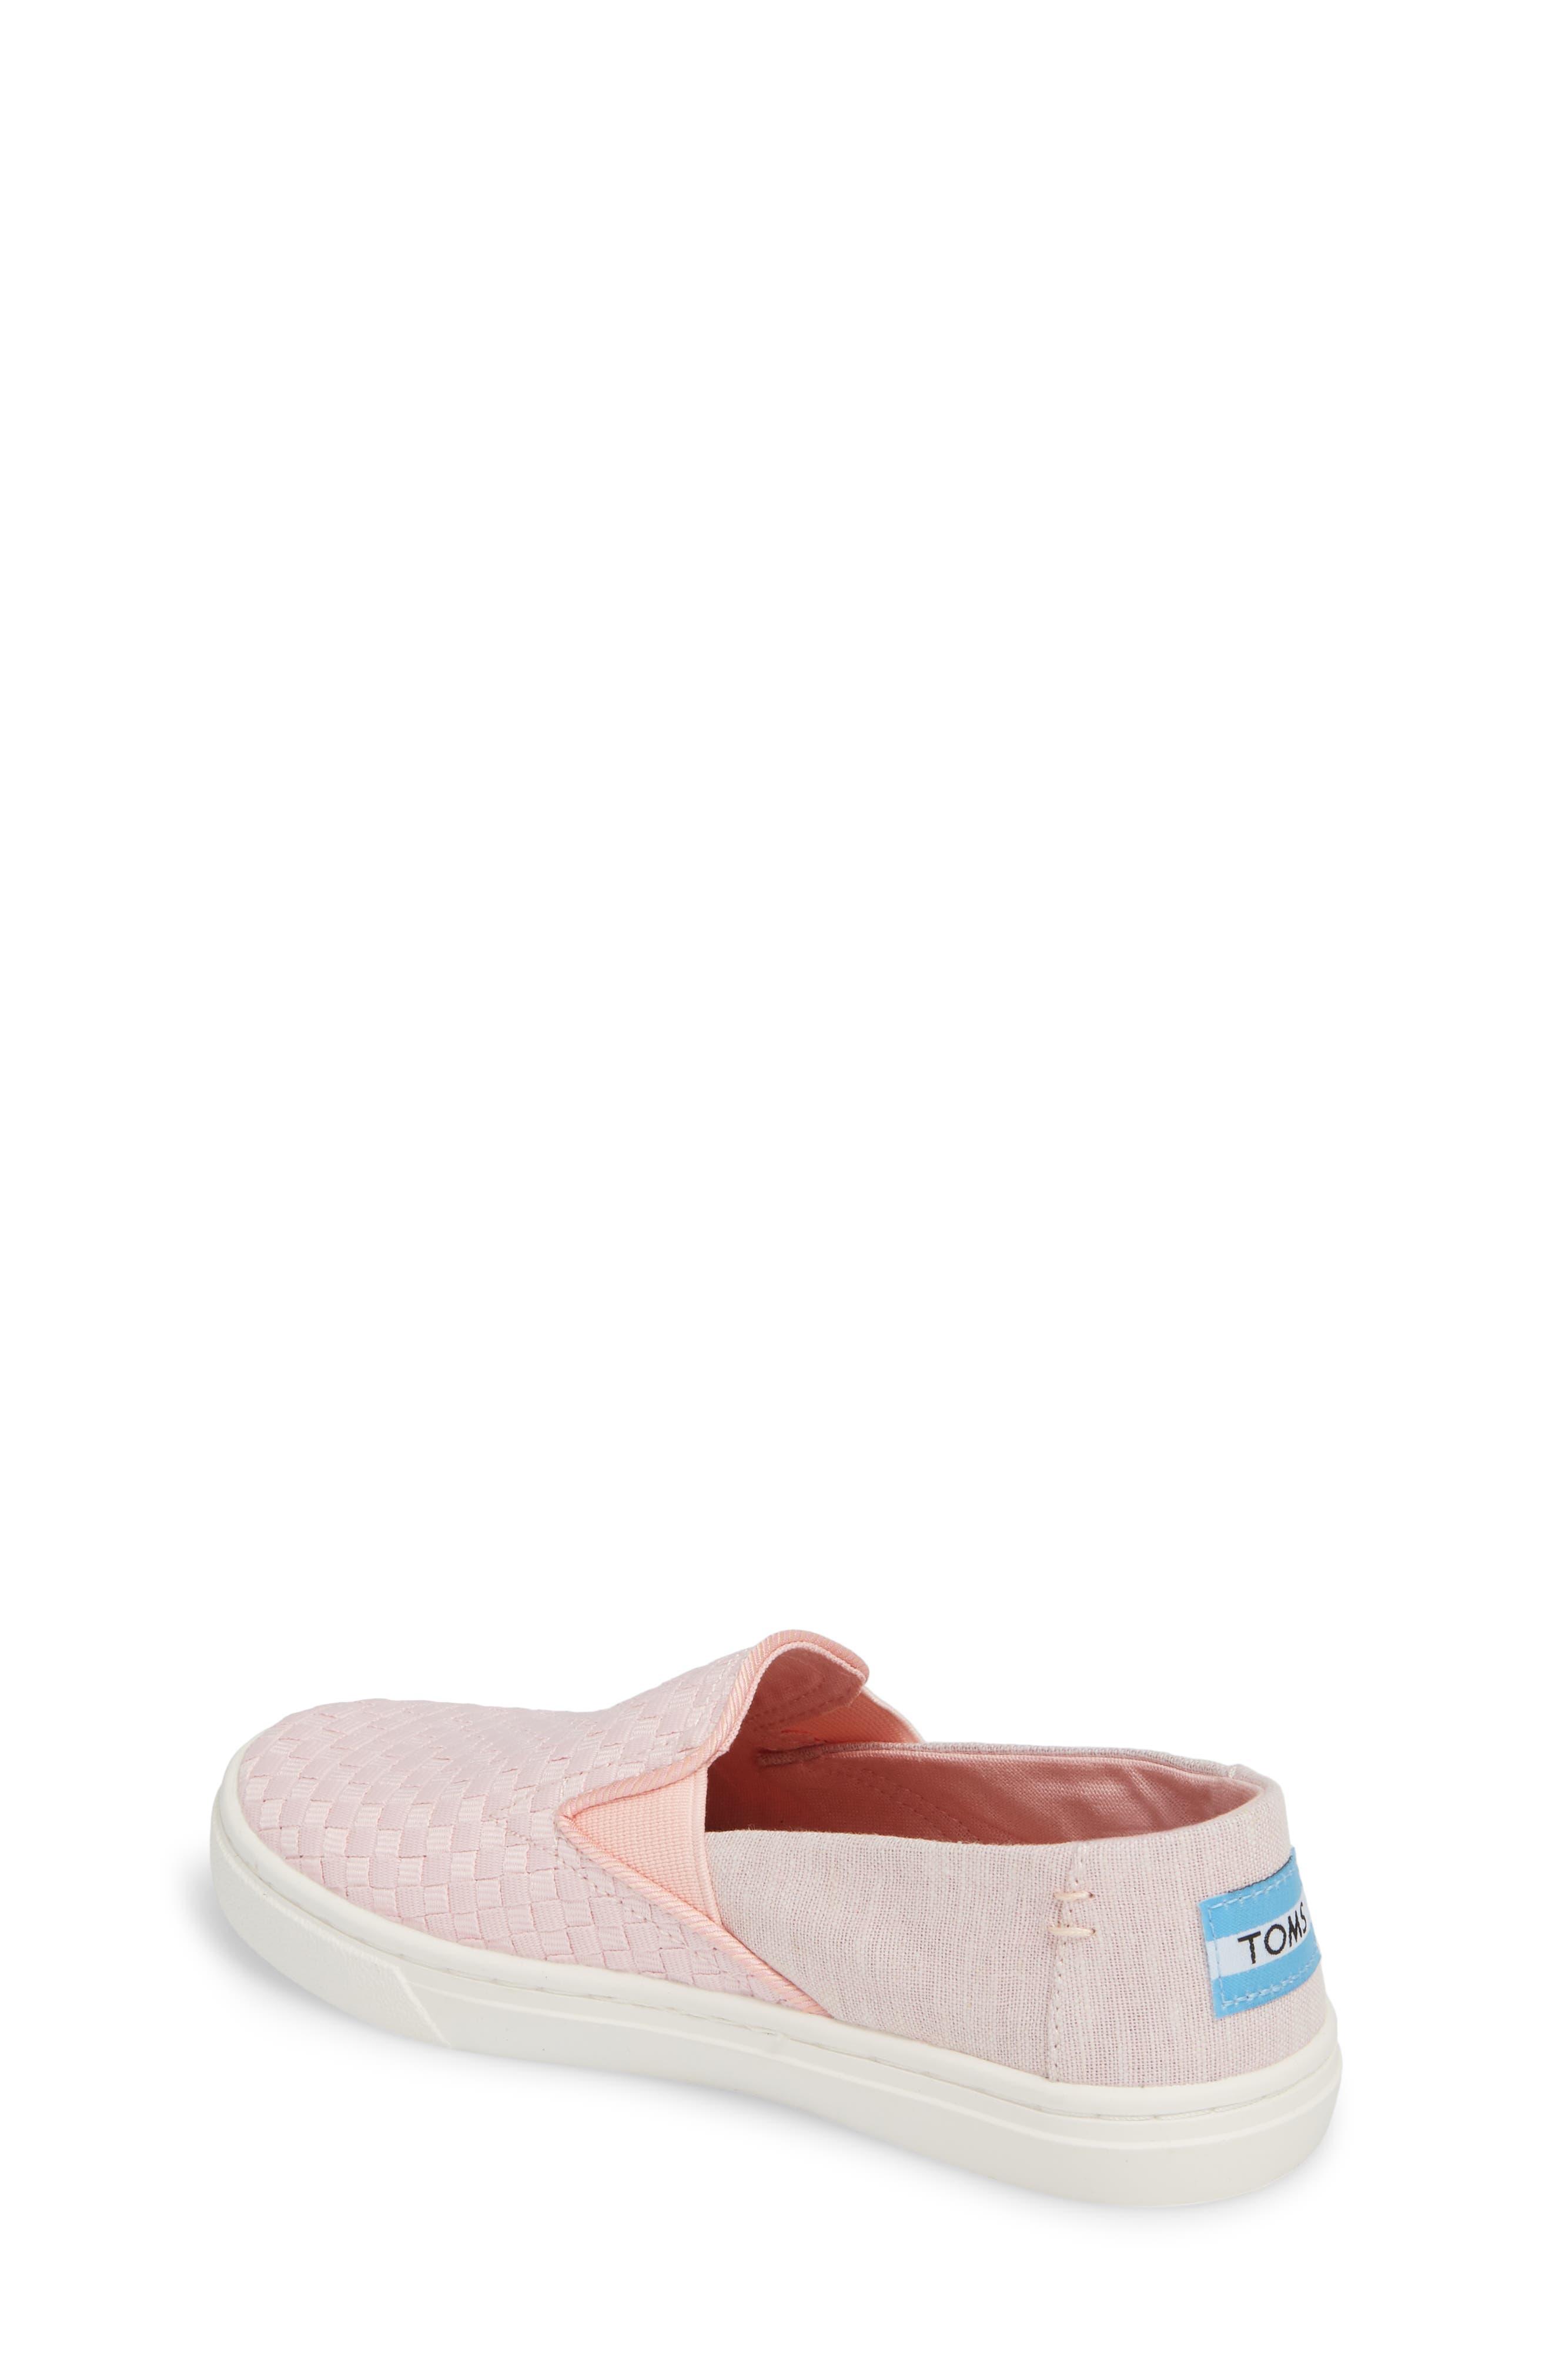 Luca Slip-On Sneaker,                             Alternate thumbnail 2, color,                             Blossom Basketweave